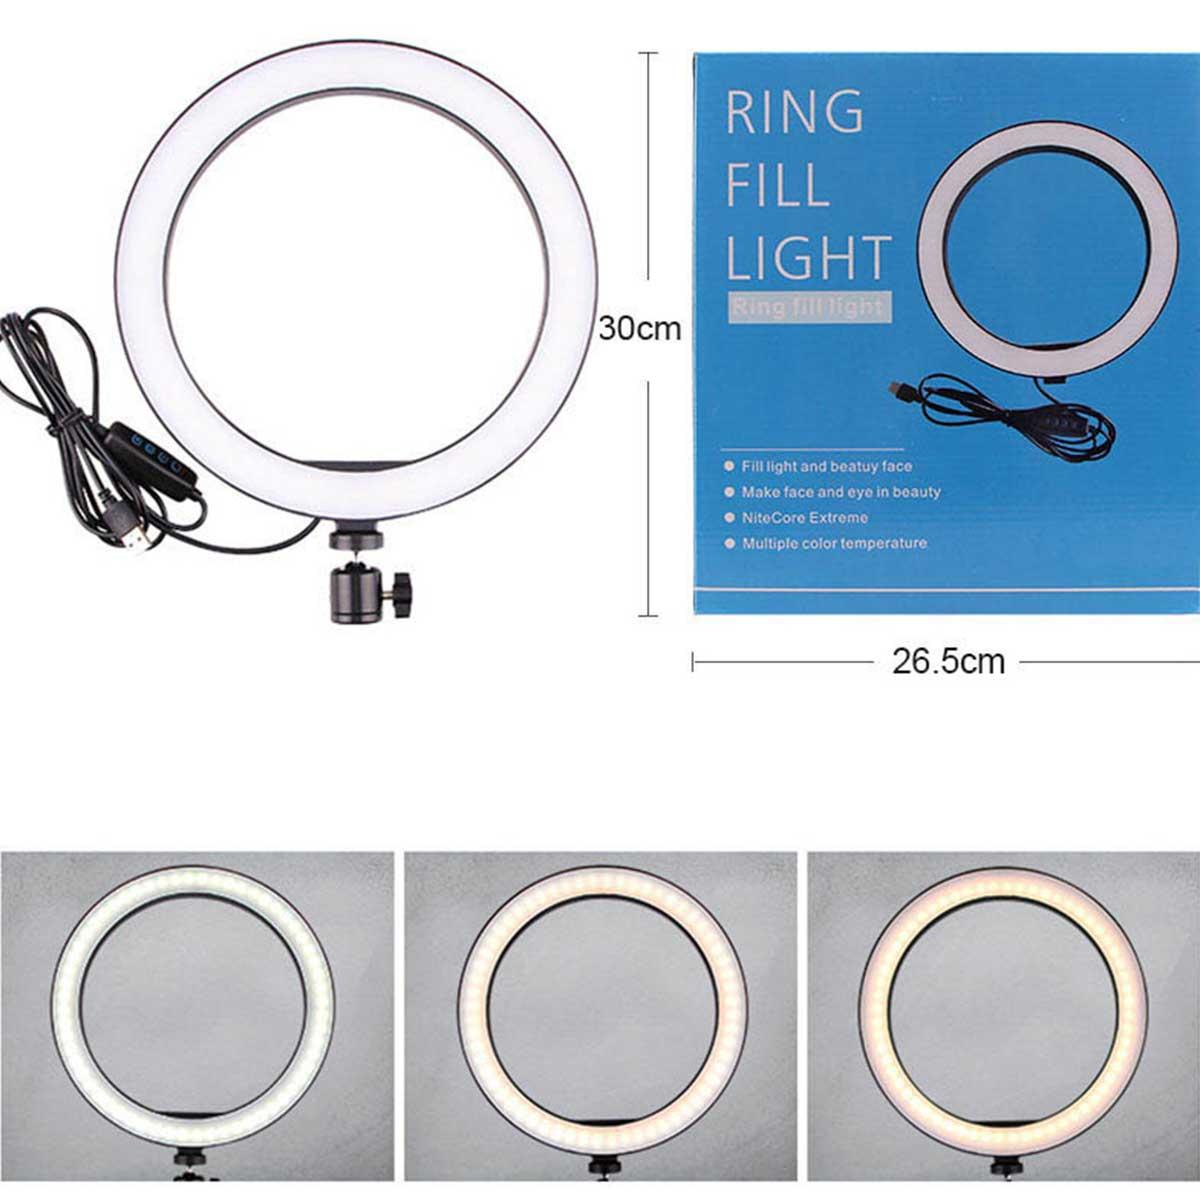 Ring Light Iluminador com Tripé de Mesa e Suporte de Celular- 26cm